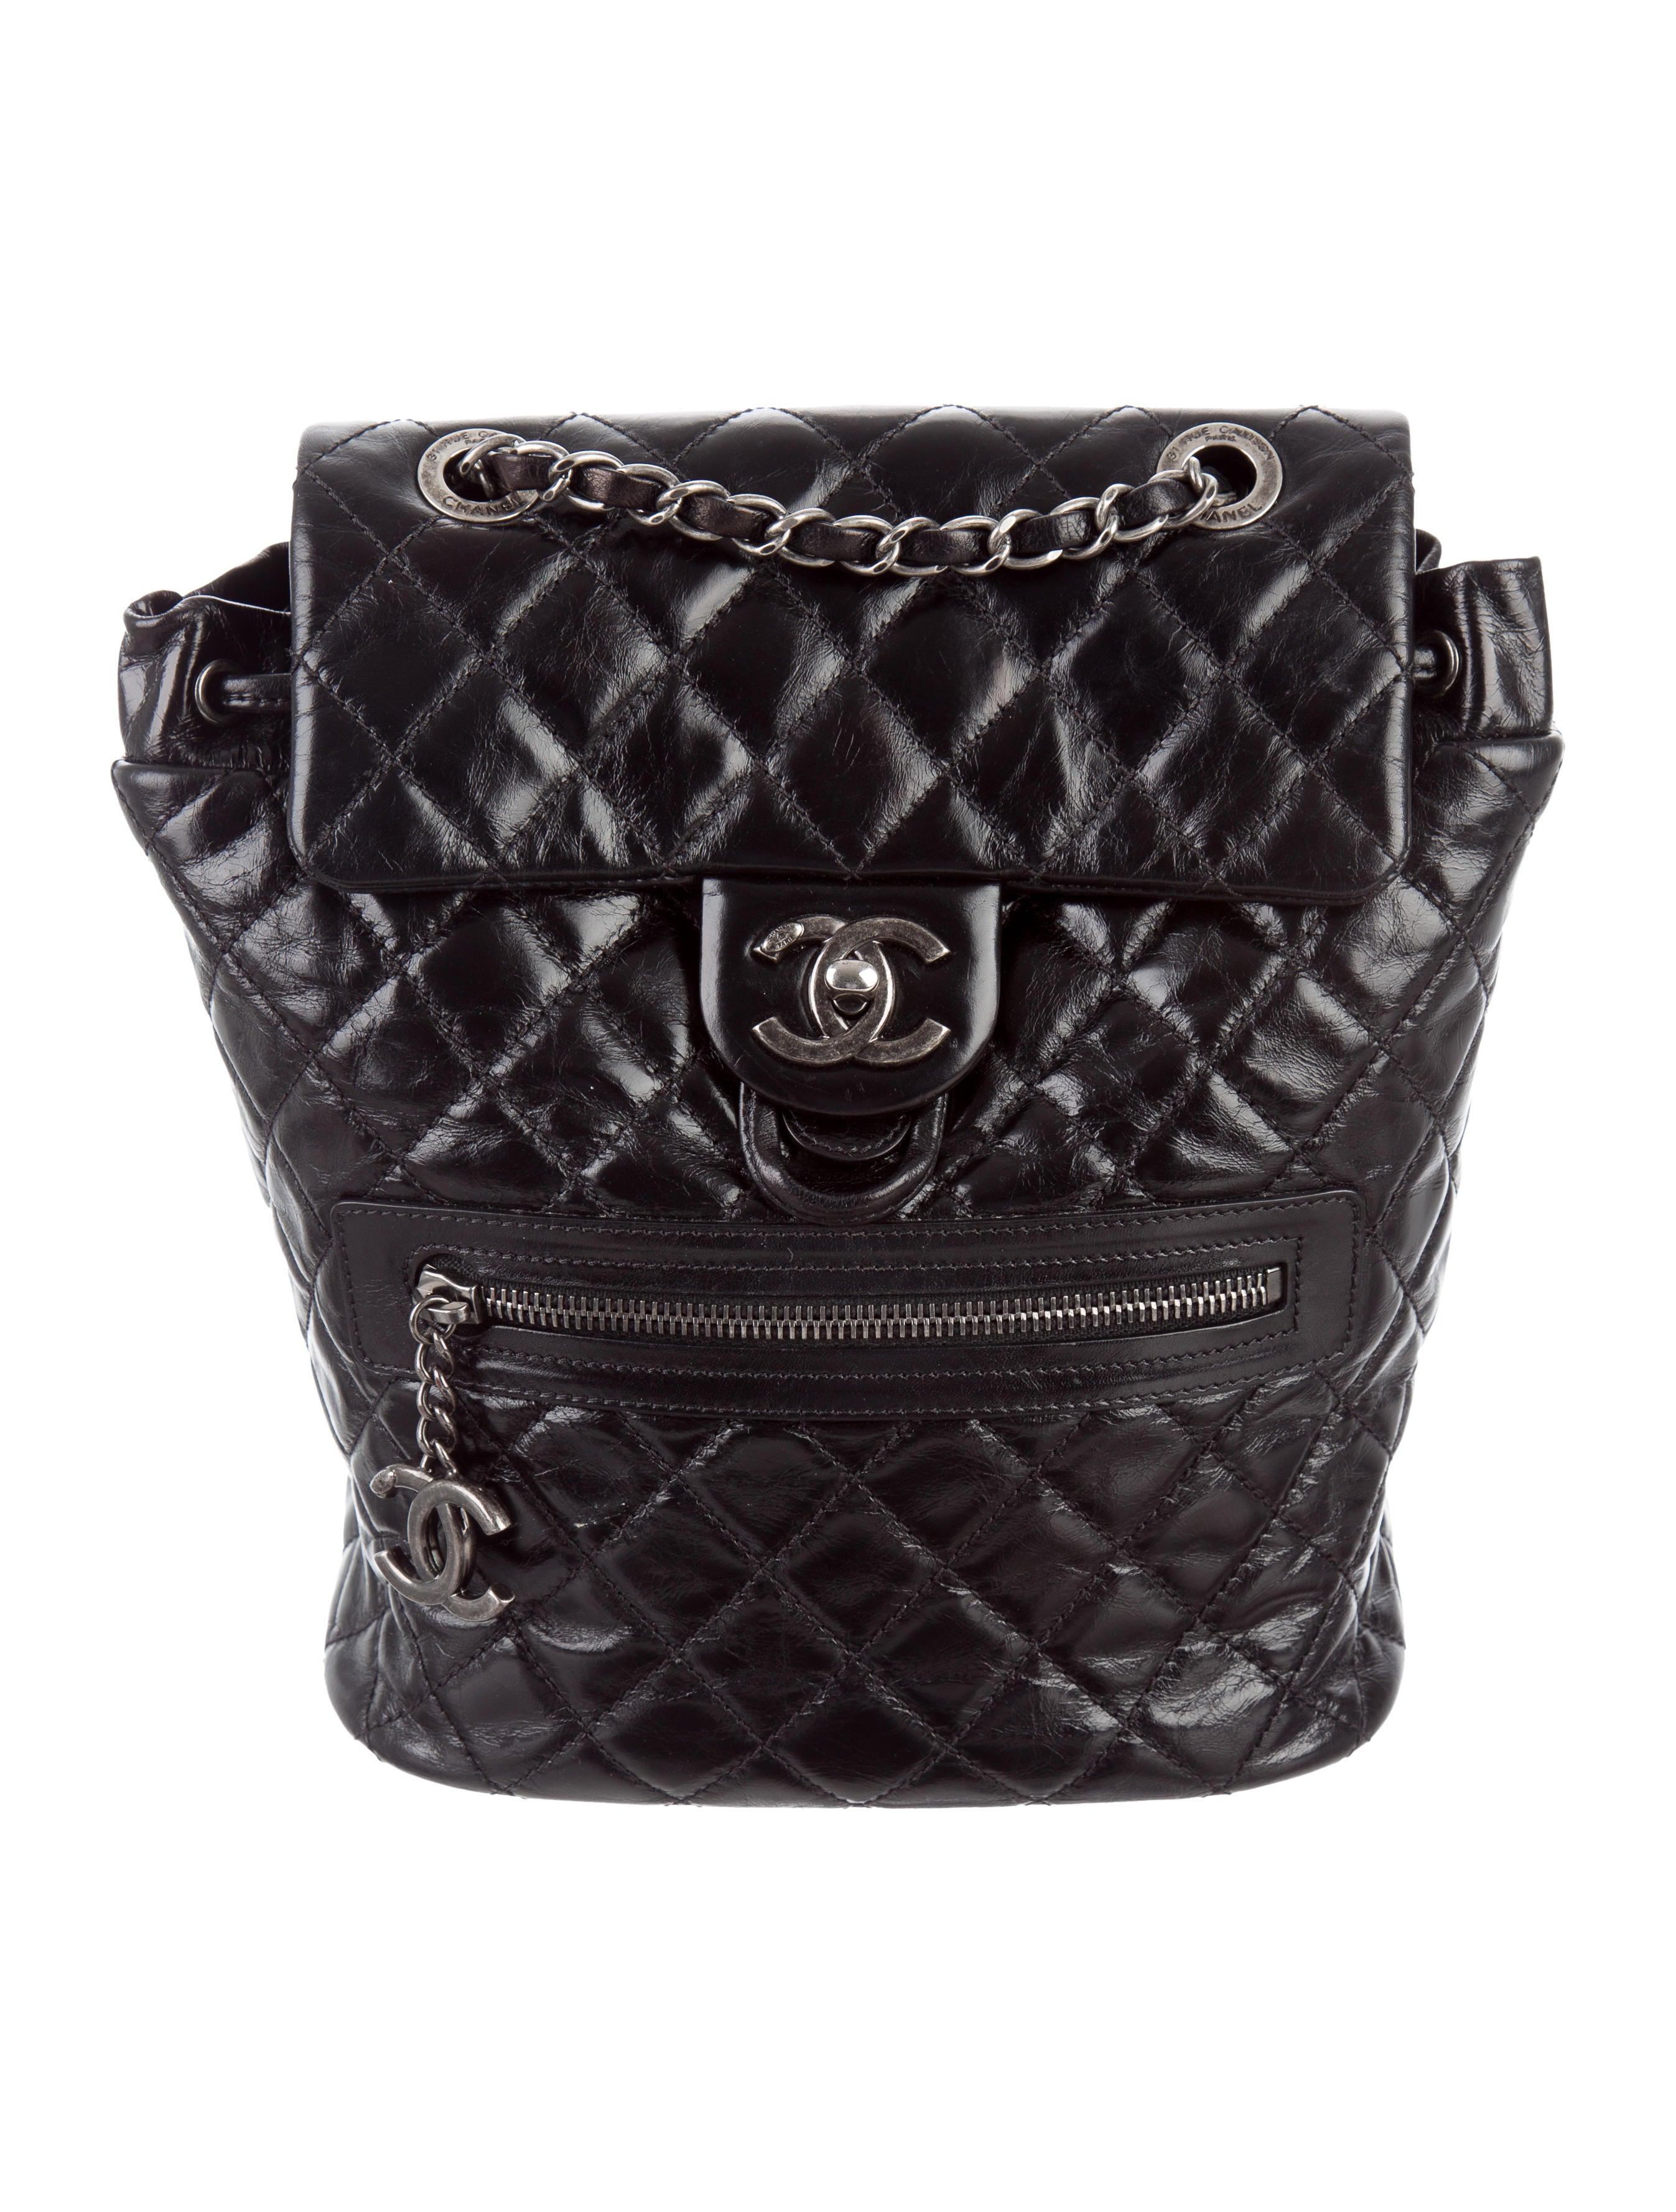 8d0b9e0a9b5e Chanel 2015 Small Paris-Salzburg Mountain Backpack - Handbags ...